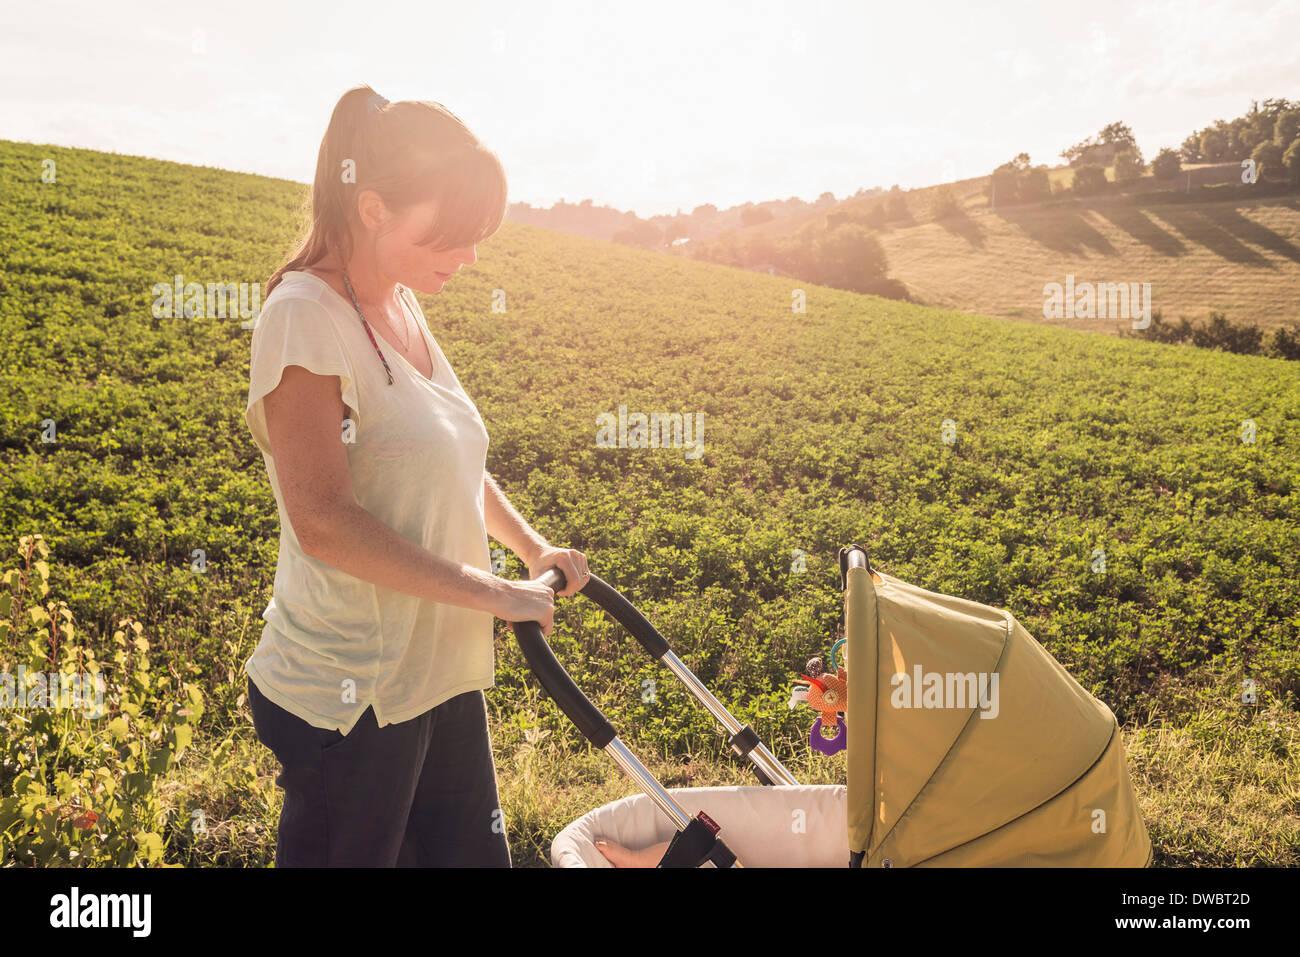 Mutter einen Spaziergang im Lande Baby Kinderwagen schieben Stockfoto